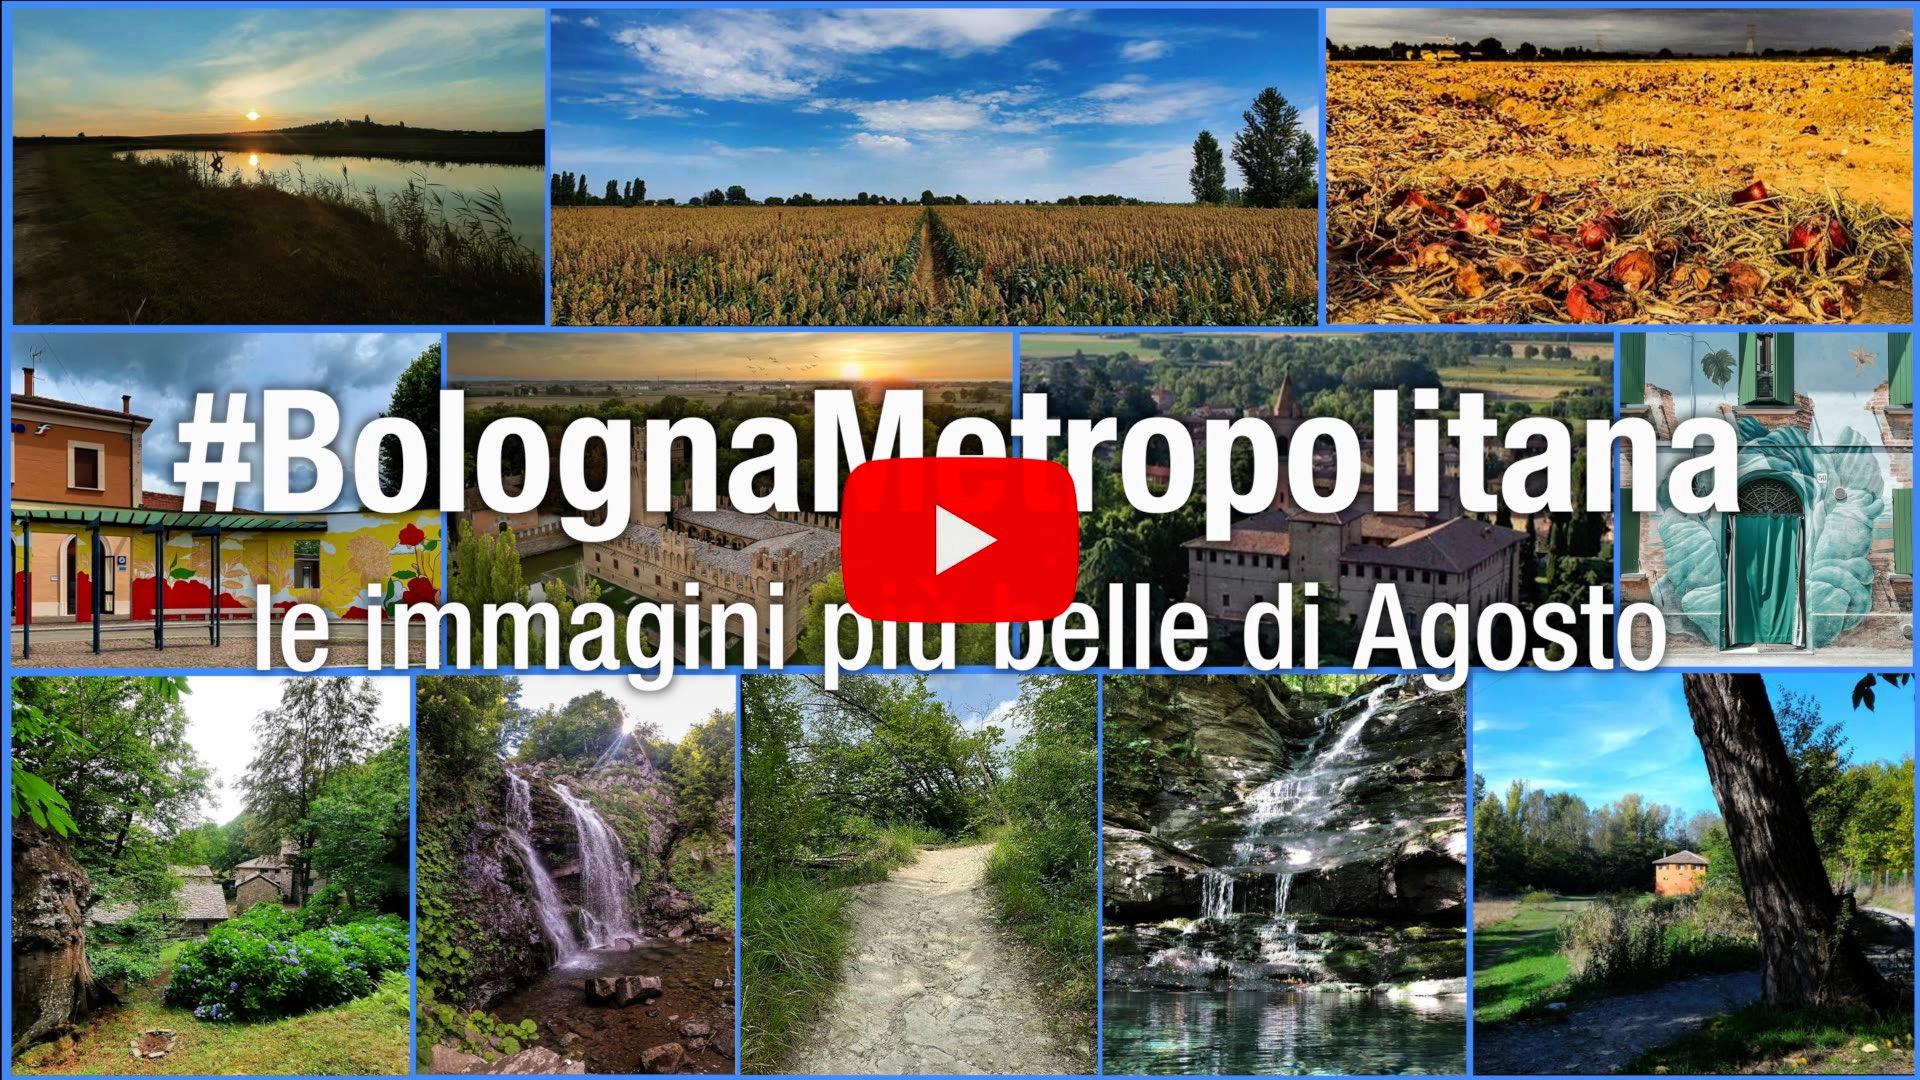 #BolognaMetropolitana - Le immagini più belle di agosto 2020